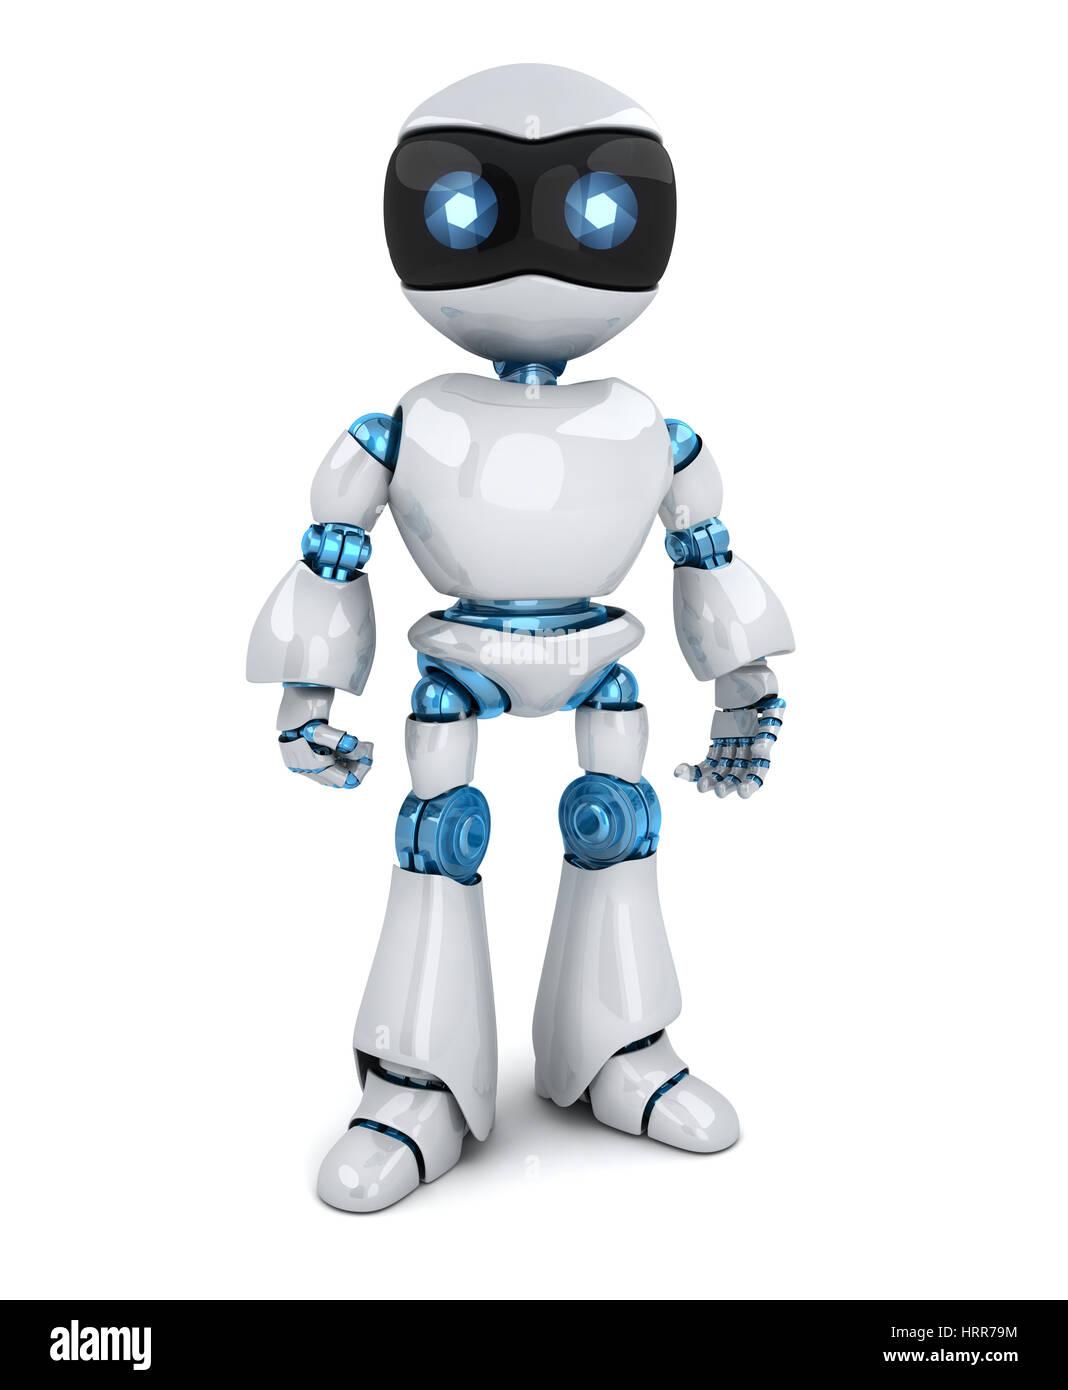 Modern white robot only. 3d illustration - Stock Image